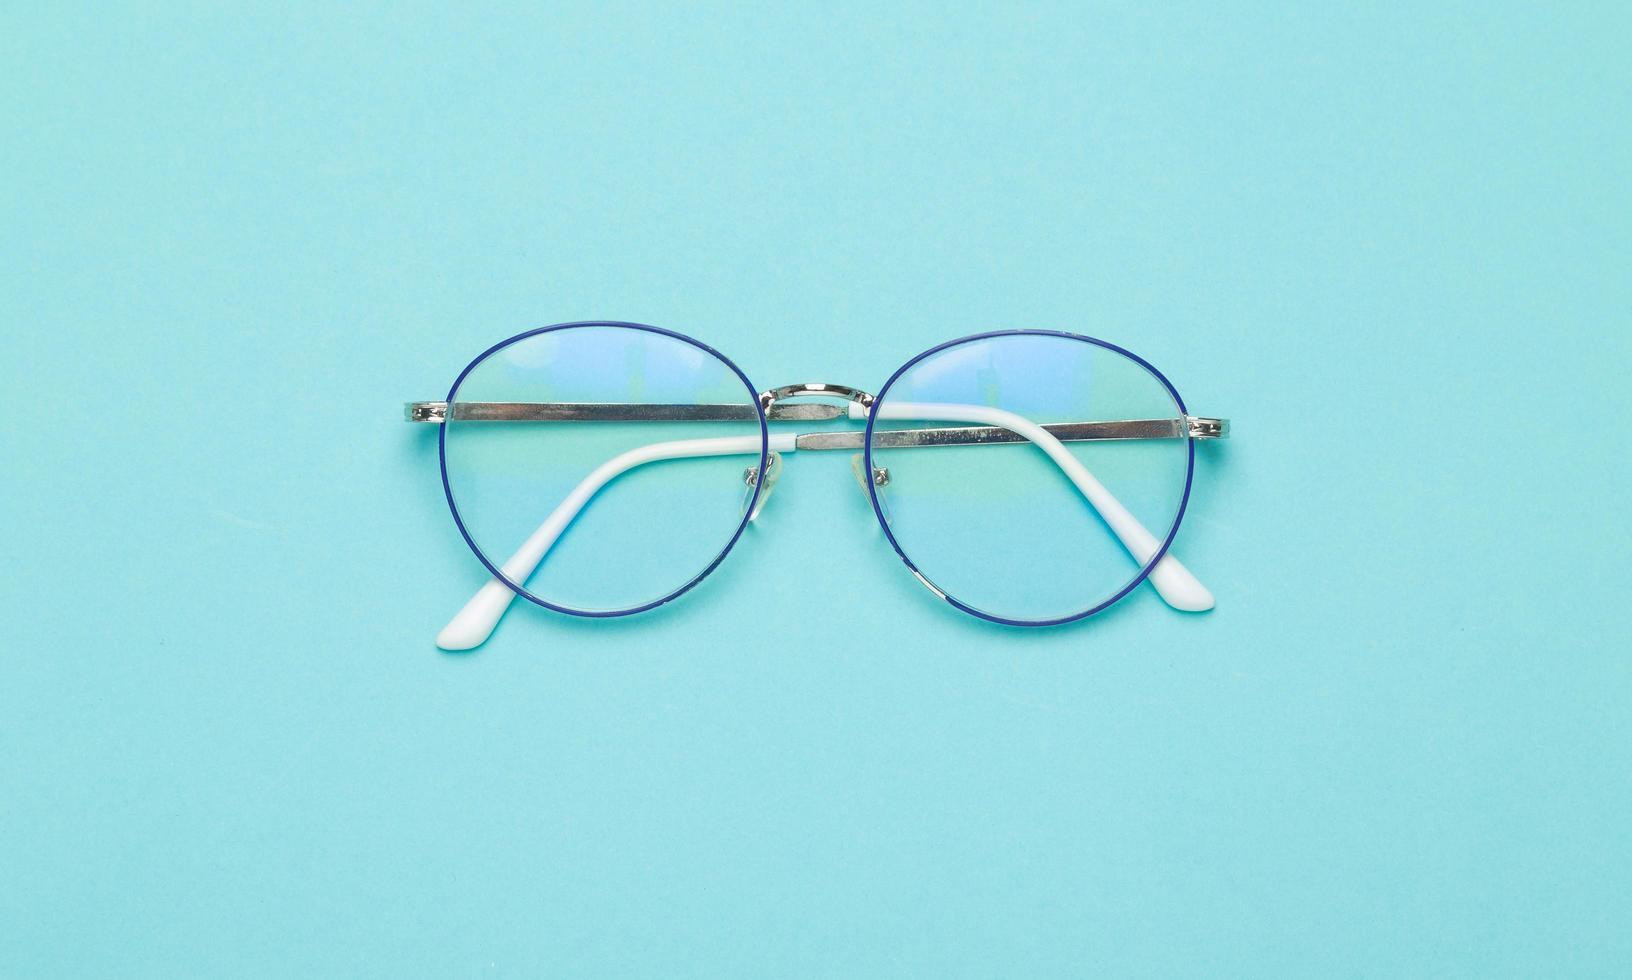 Brille auf blauem Hintergrund foto